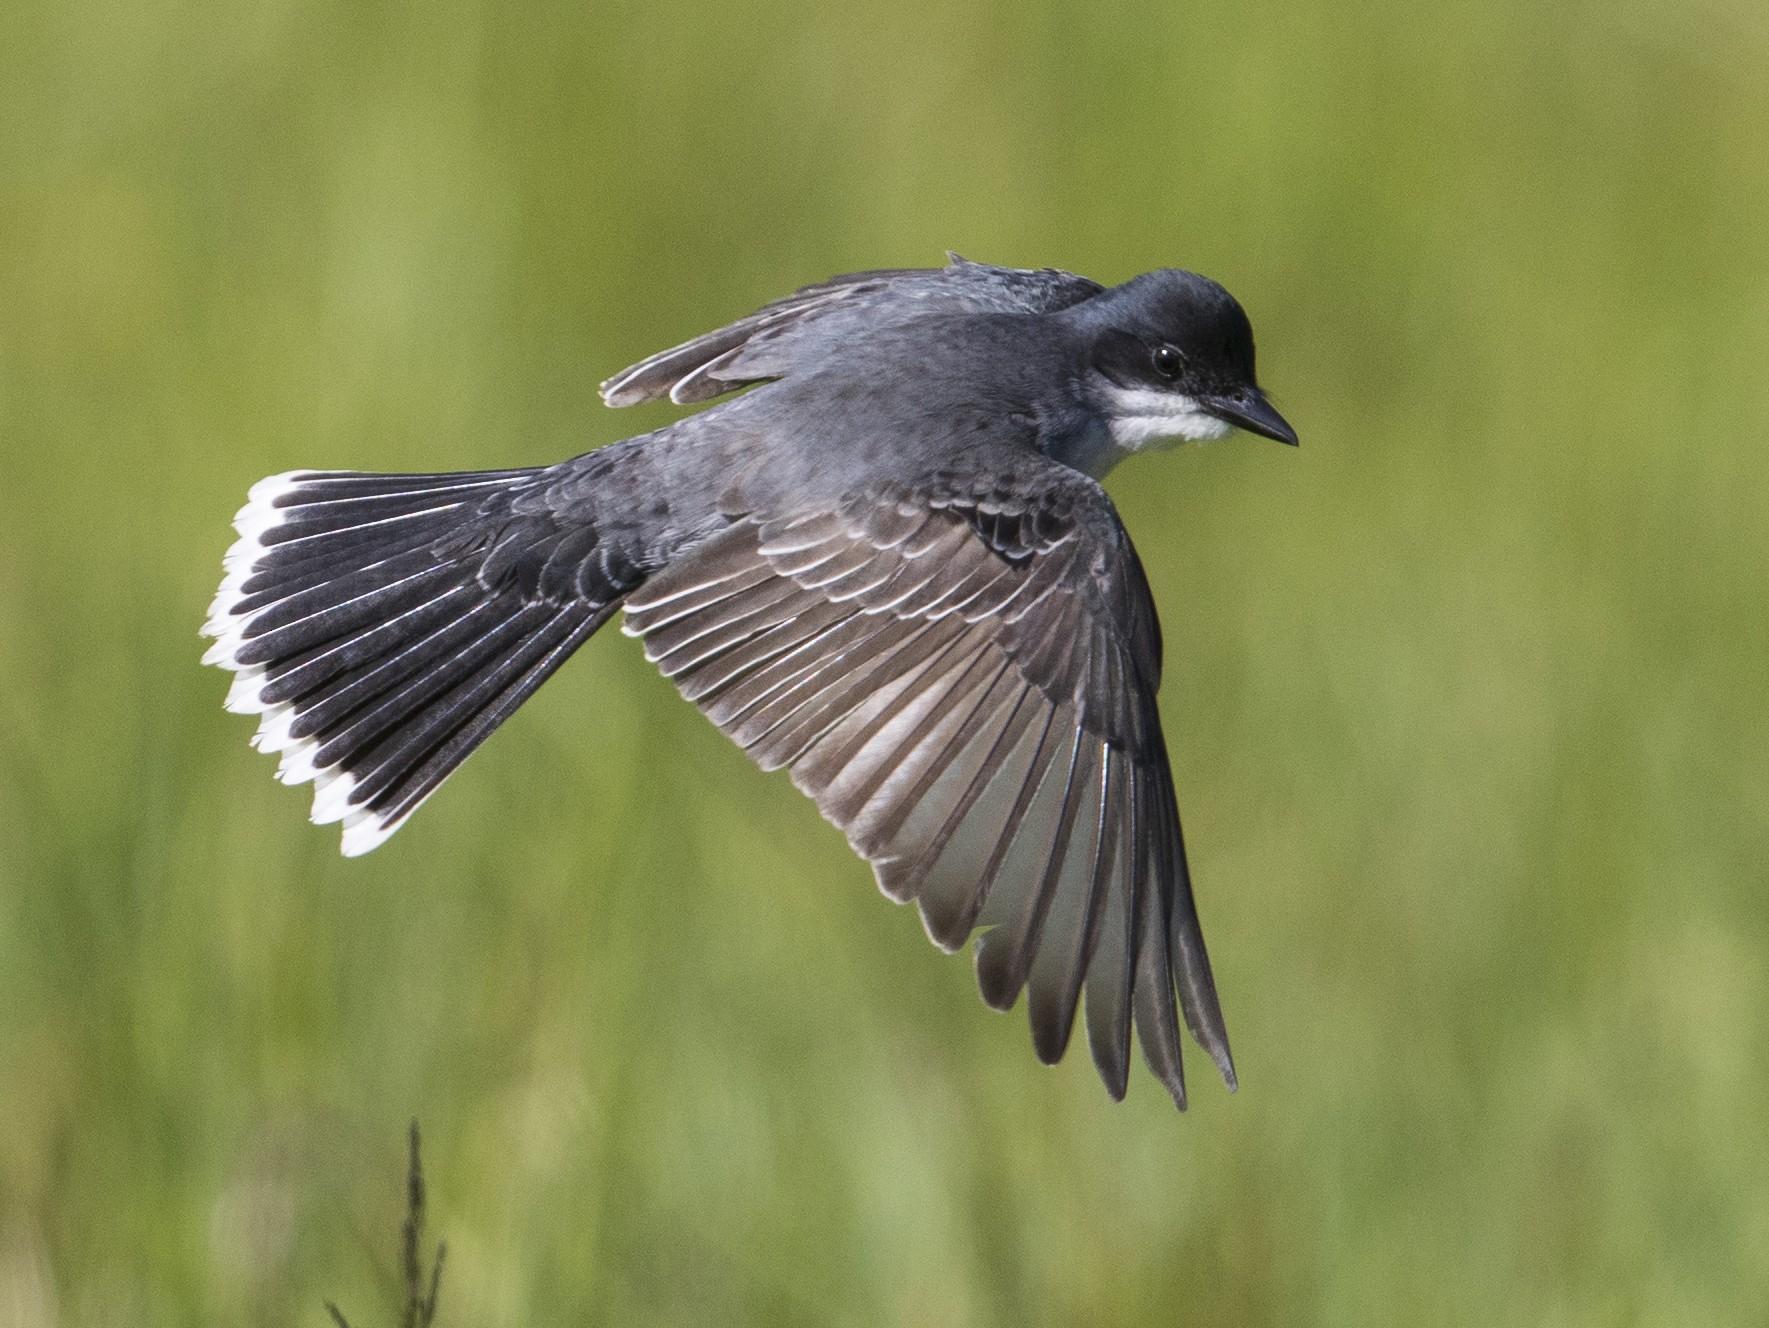 Eastern Kingbird - Michael Stubblefield